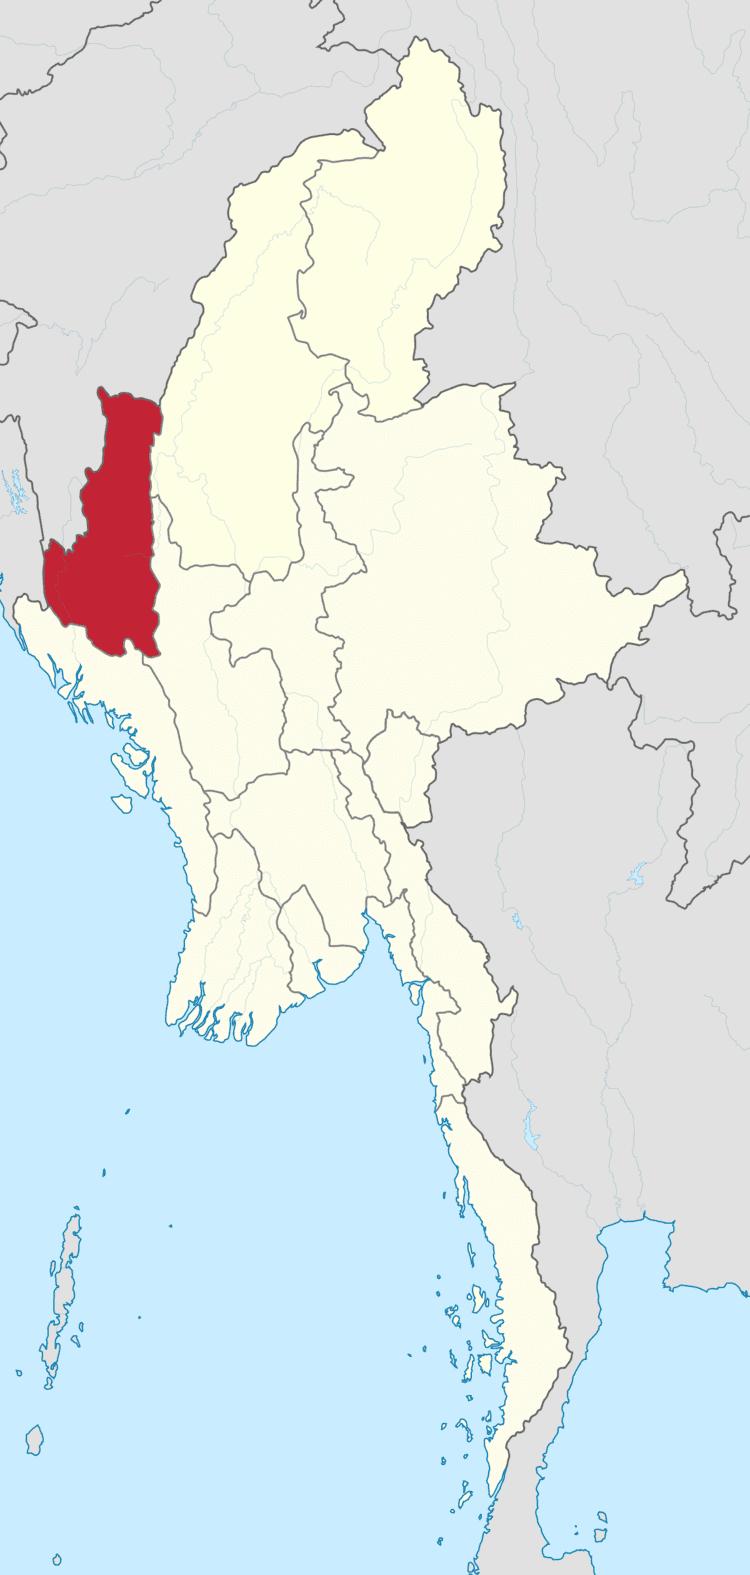 Chin State Wikipedia